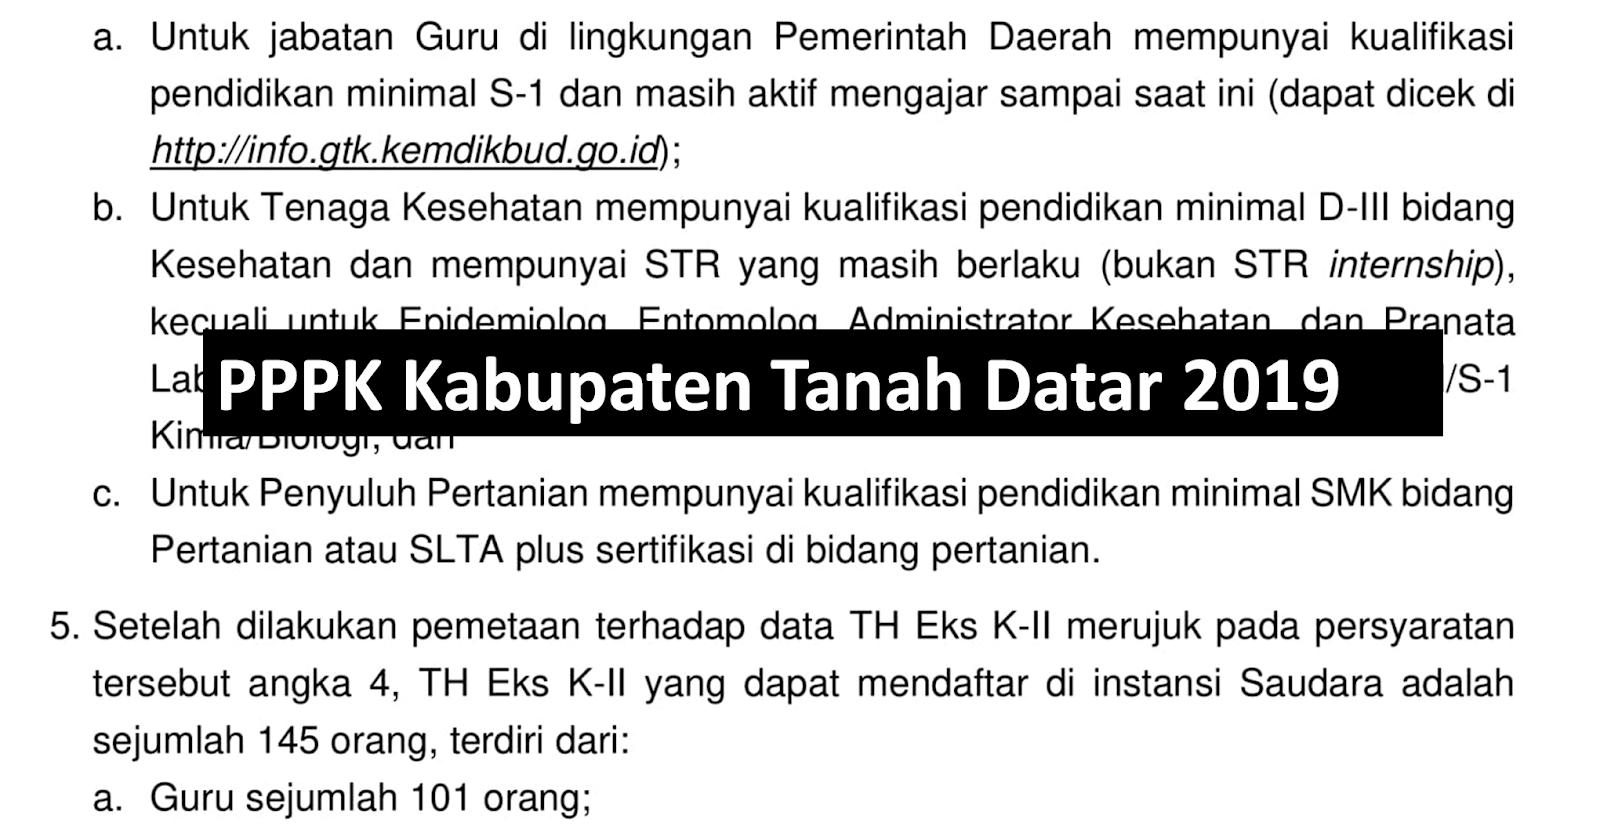 P3k Tahap I Kabupaten Tanah Datar Guru Kesehatan Dan Penyuluh